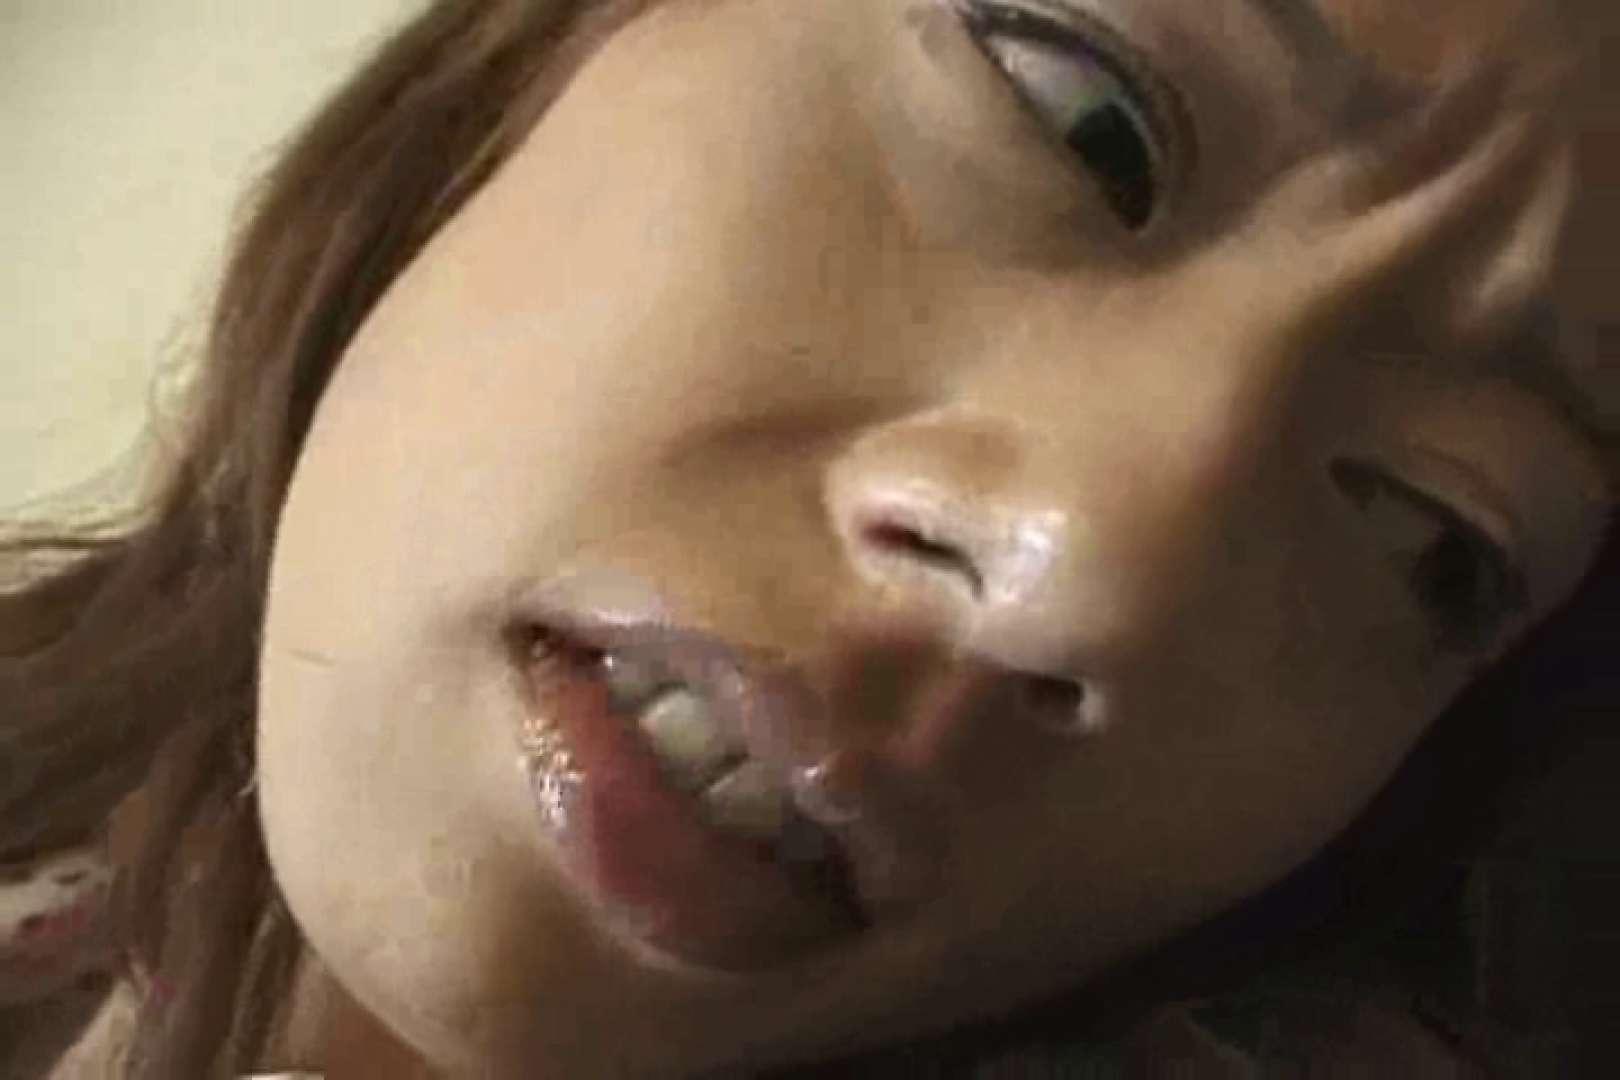 仁義なきキンタマ 伊藤孝一のアルバム 流出作品  78枚 42